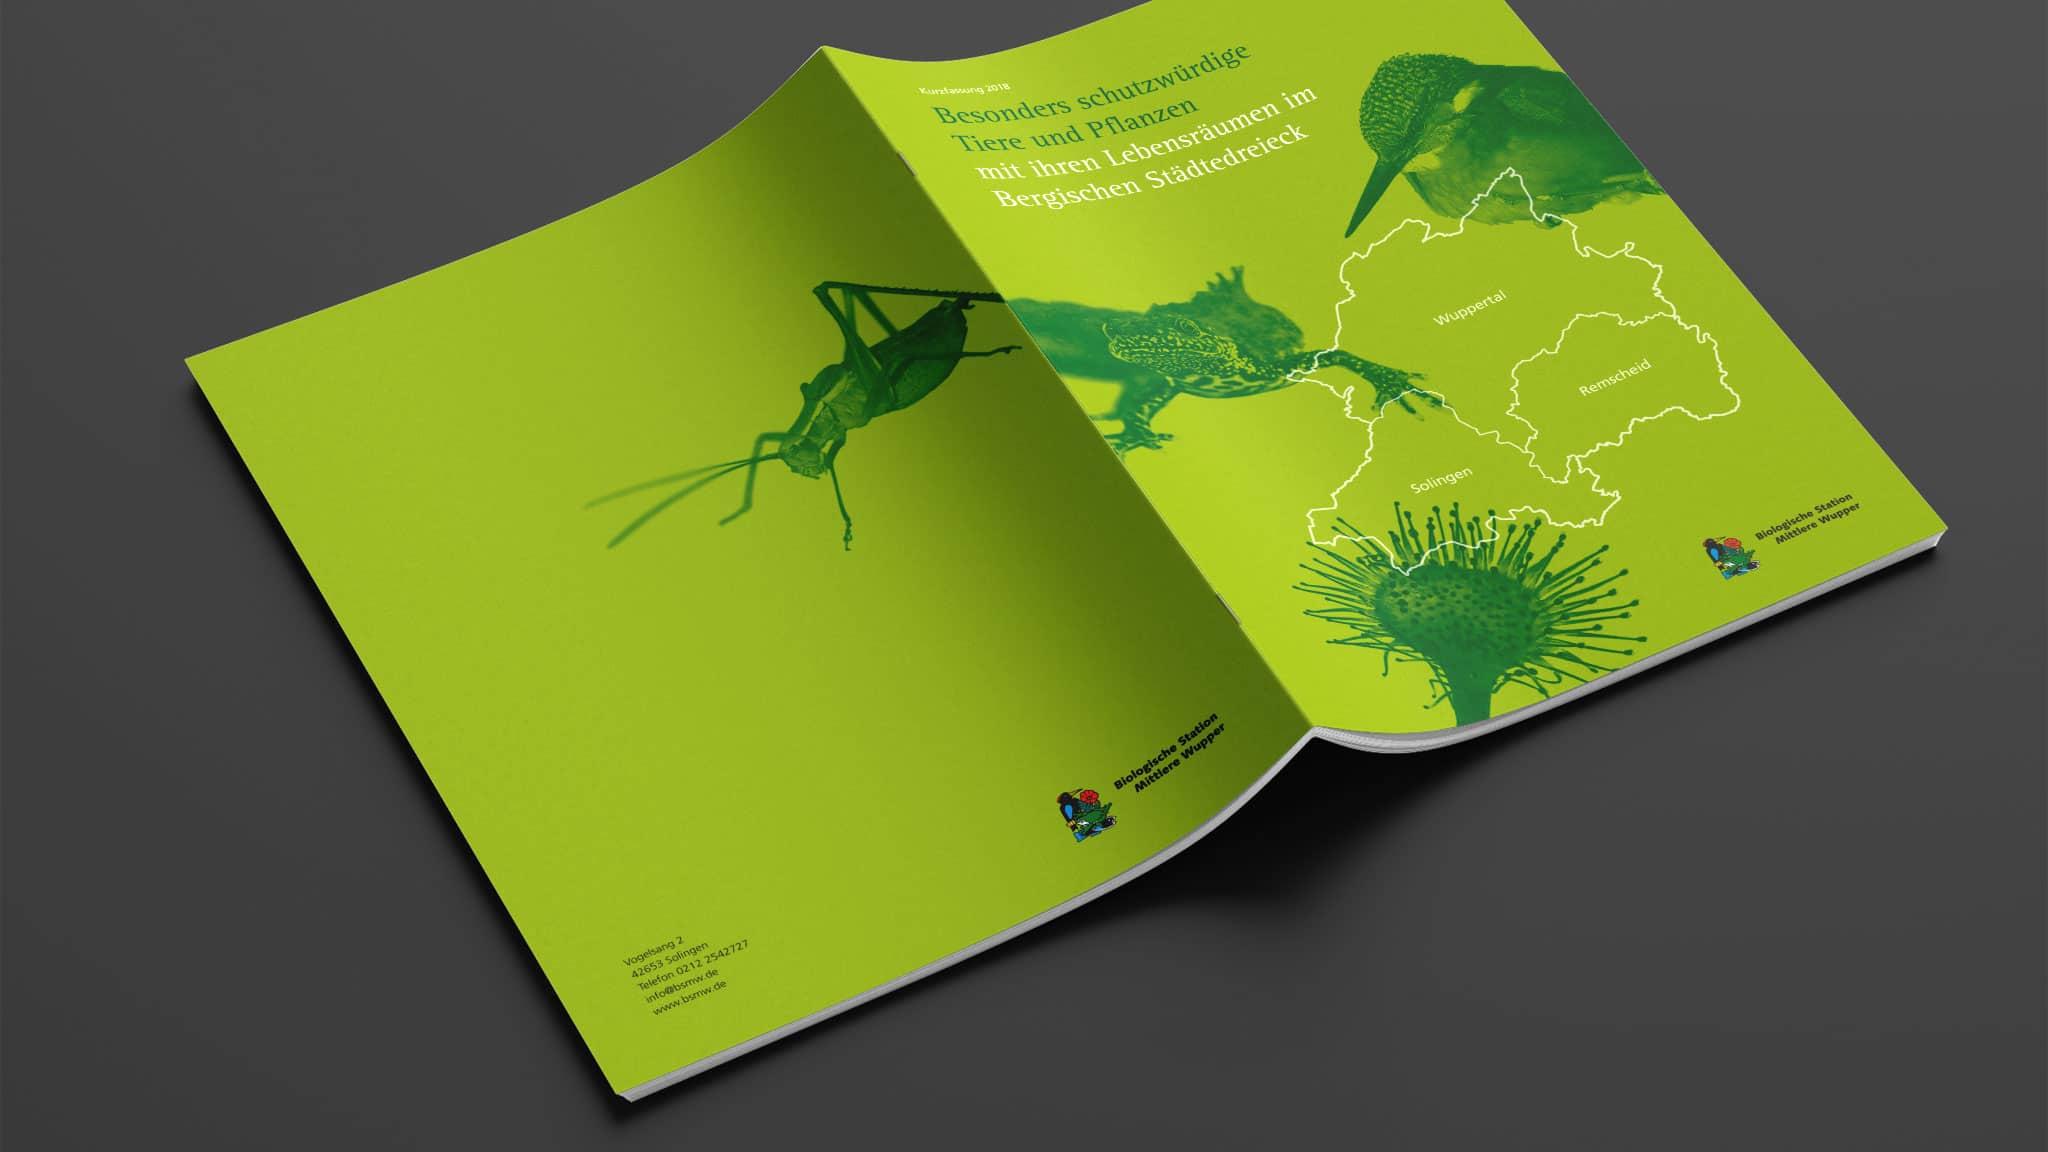 Umschlag-Design für die Broschüre Bergisches Städtedreieck